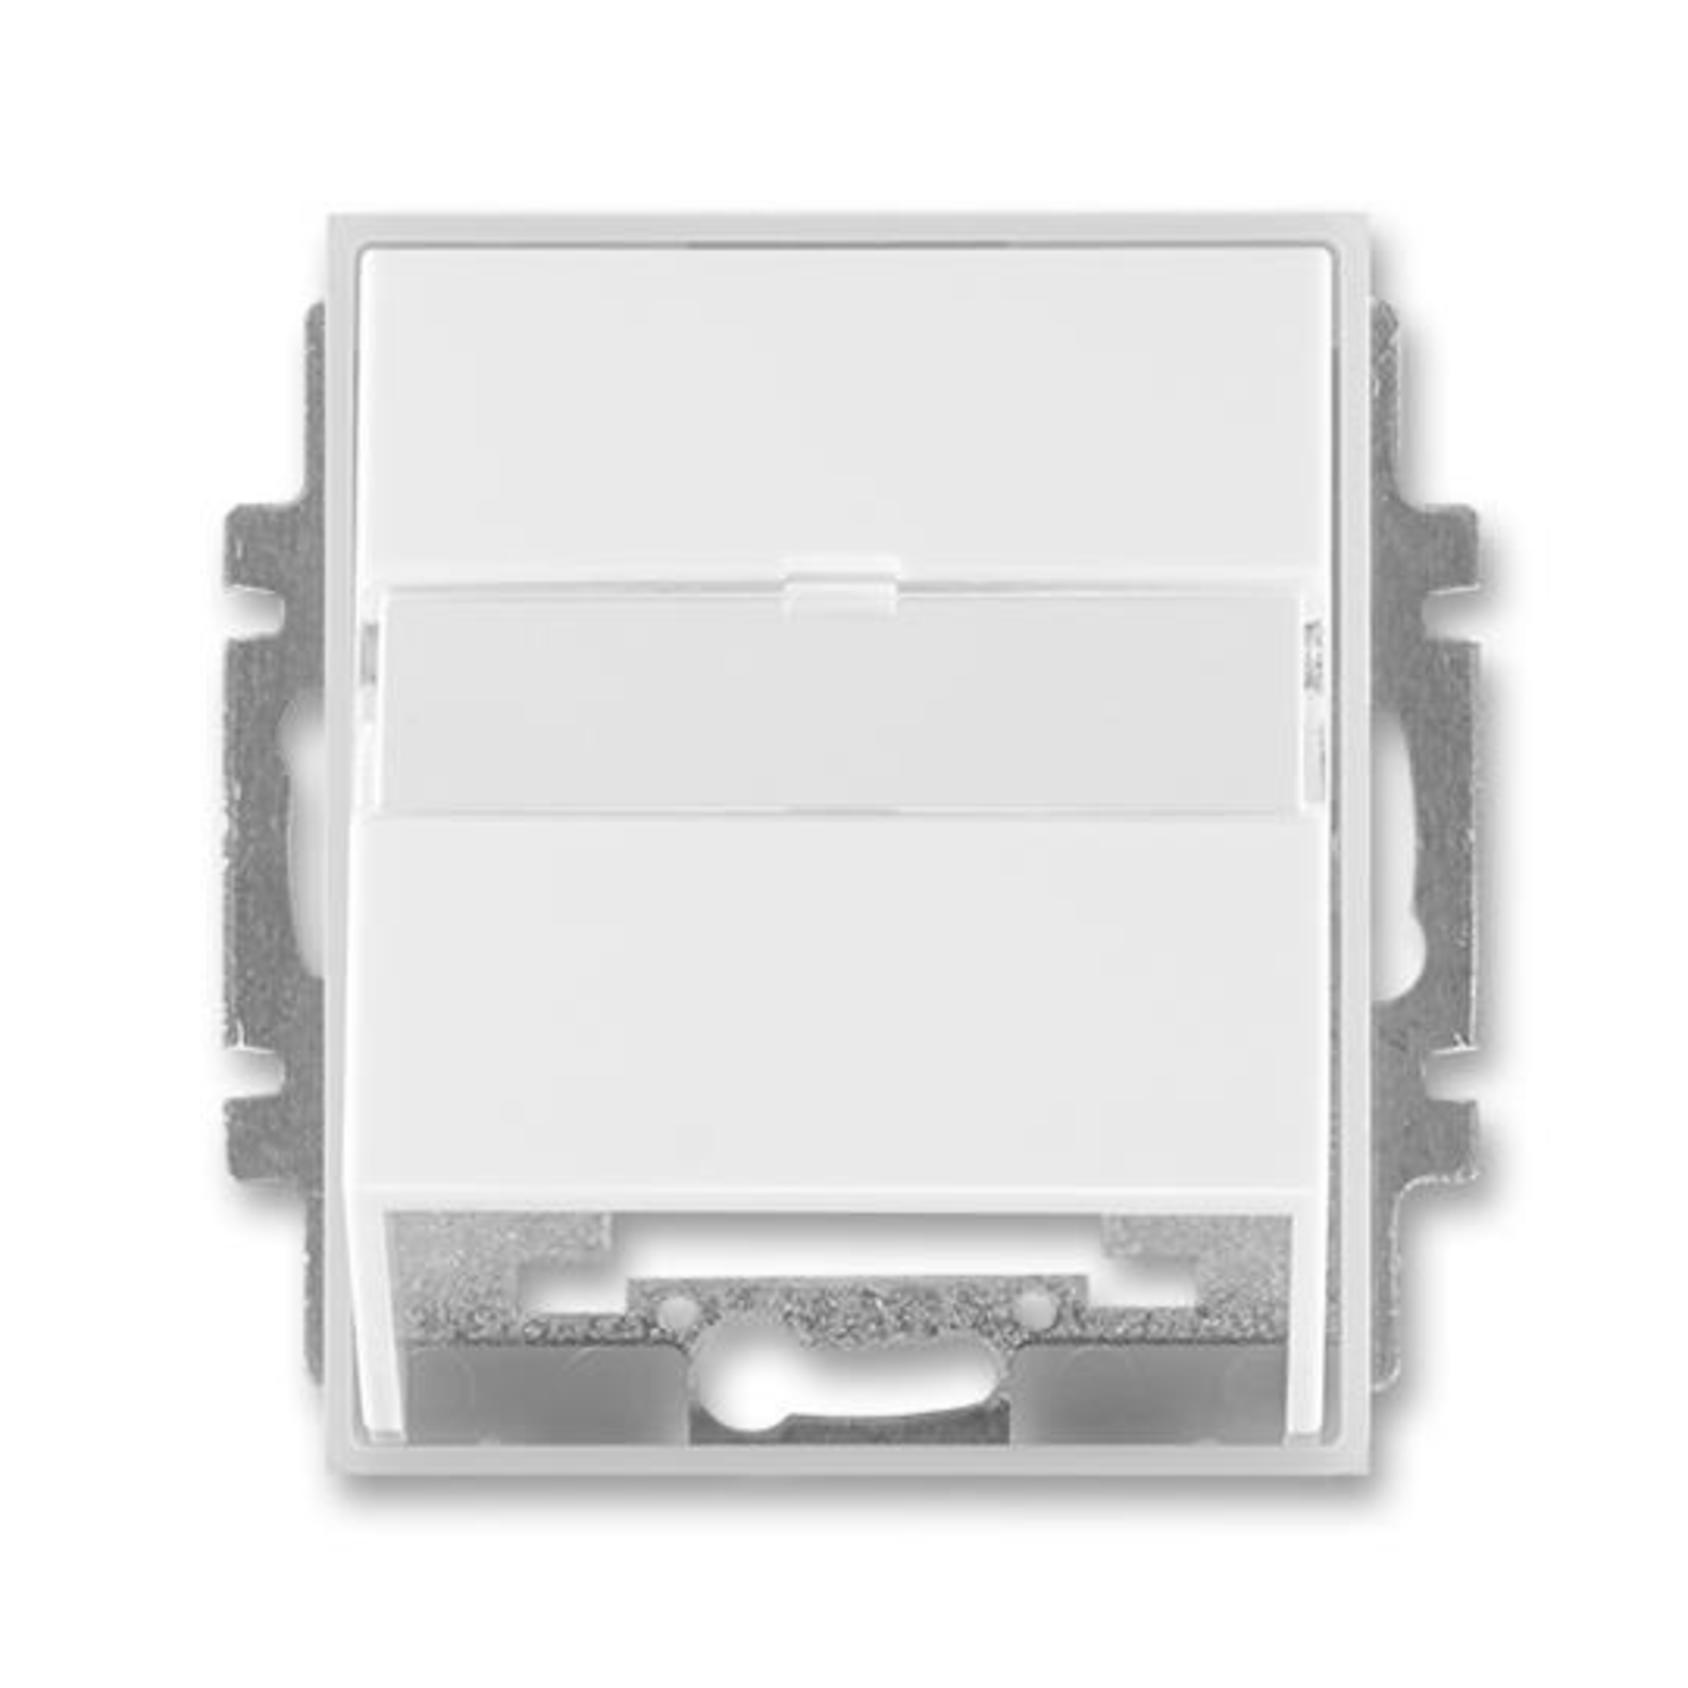 ABB 5014E-A00100 01 Element Kryt zásuvky komunikační (pro nosnou masku)